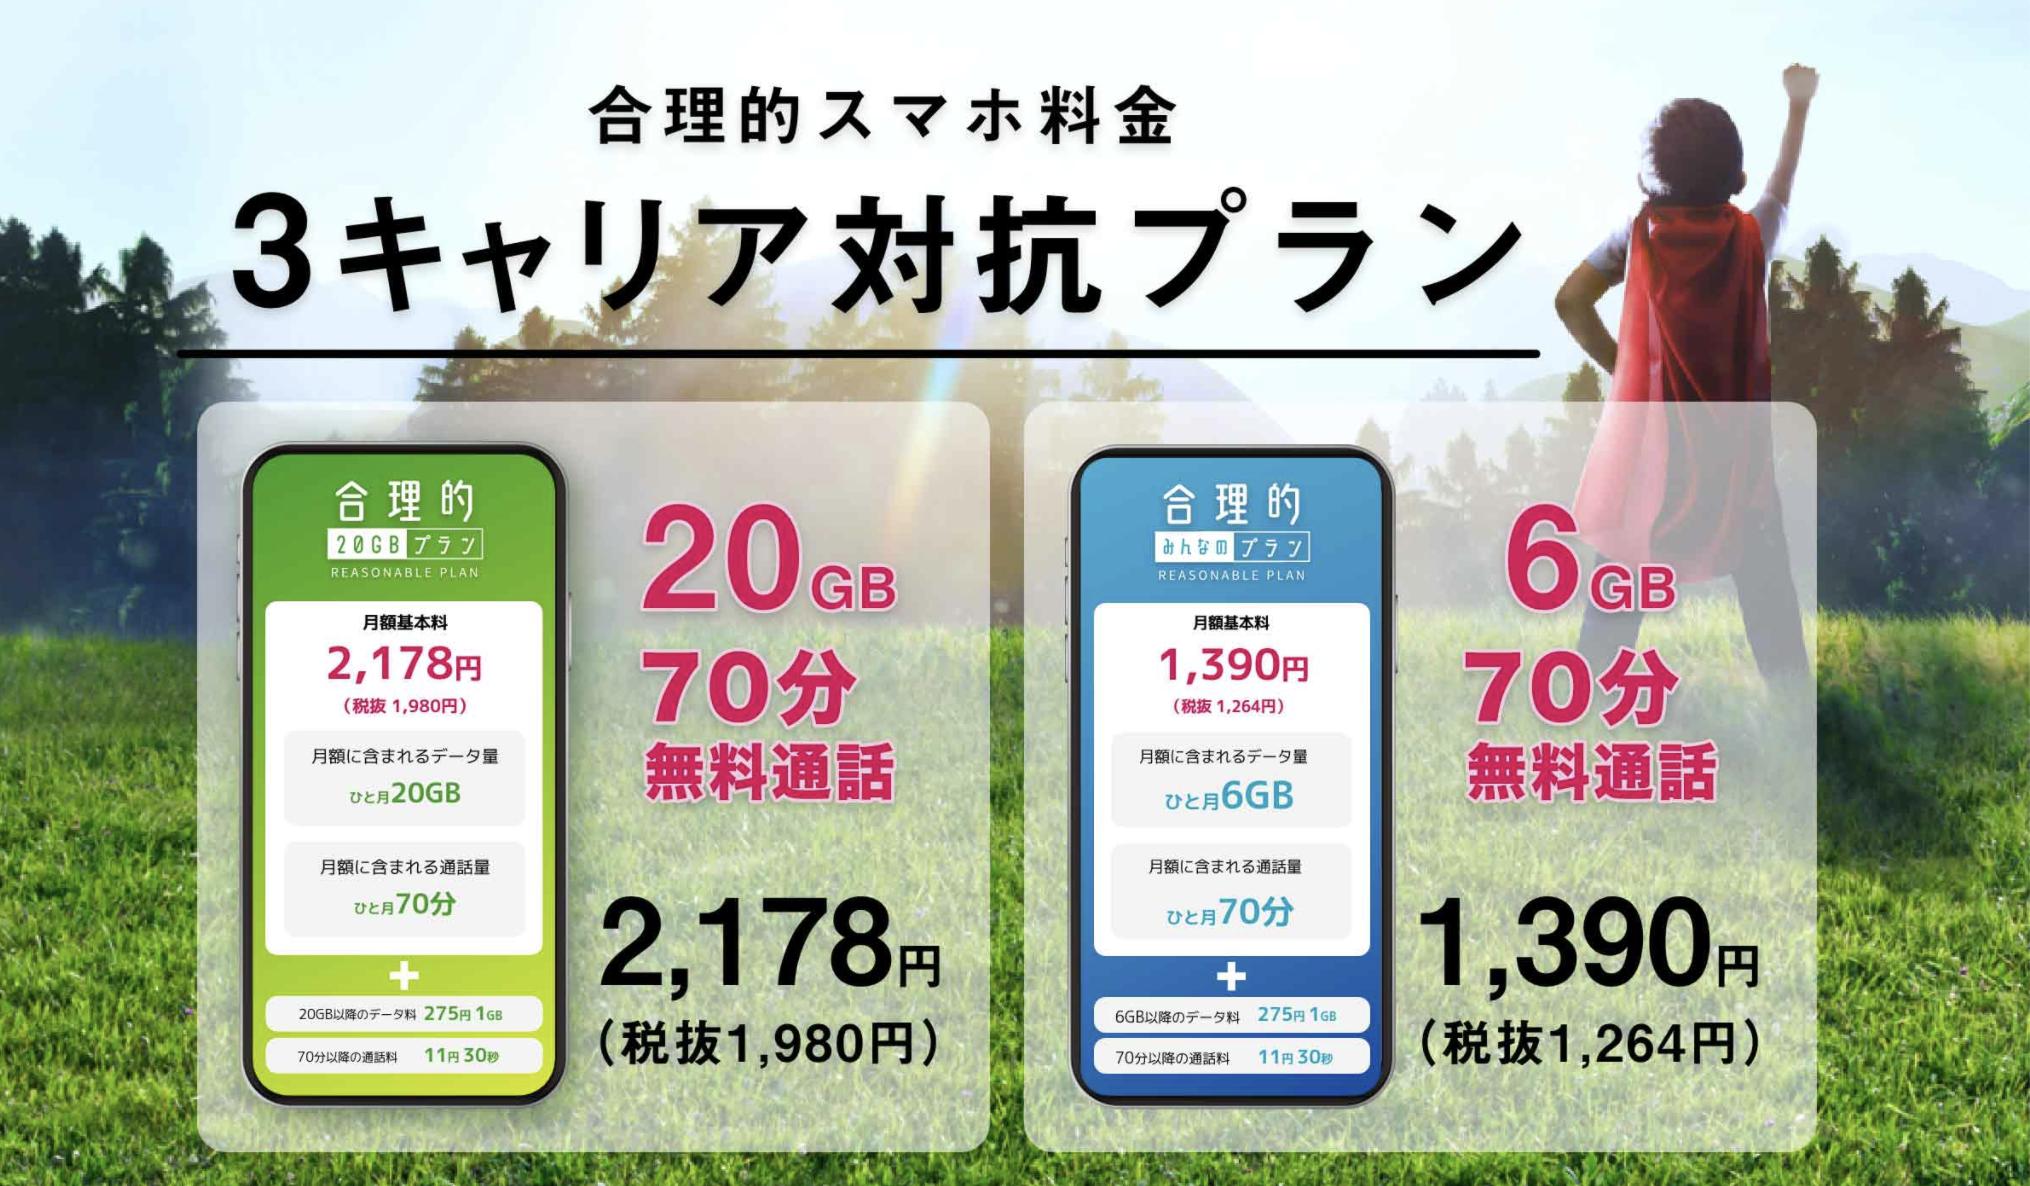 日本通信SIMの評判はやばい?かけ放題・合理的プラン・速度の口コミを徹底解説